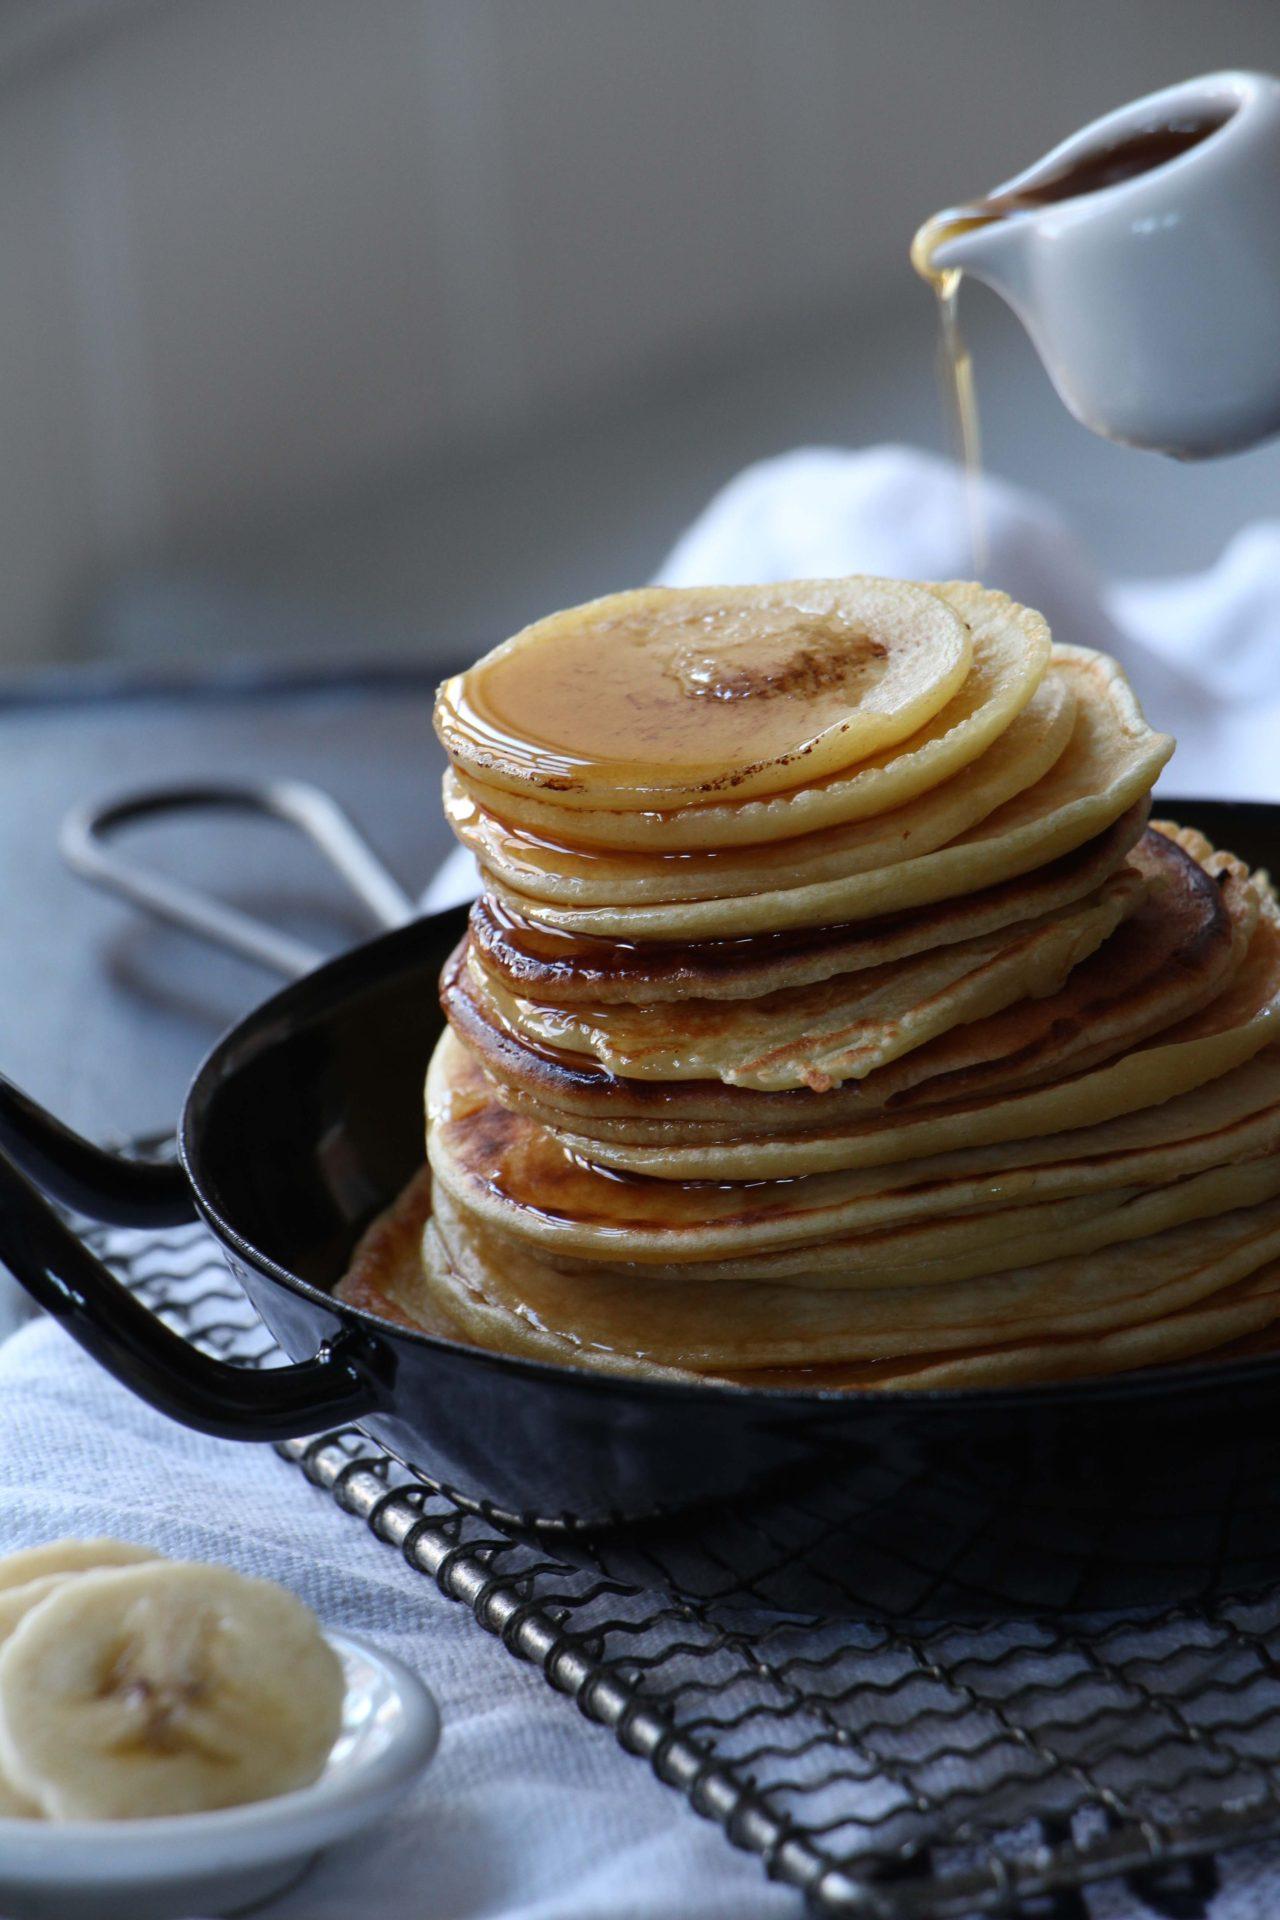 pancakes zum frhstck sind ganz einfach und schnell gemacht ganz besonders lecker schmecken sie mit - Schmcken Kleine Wohnkche